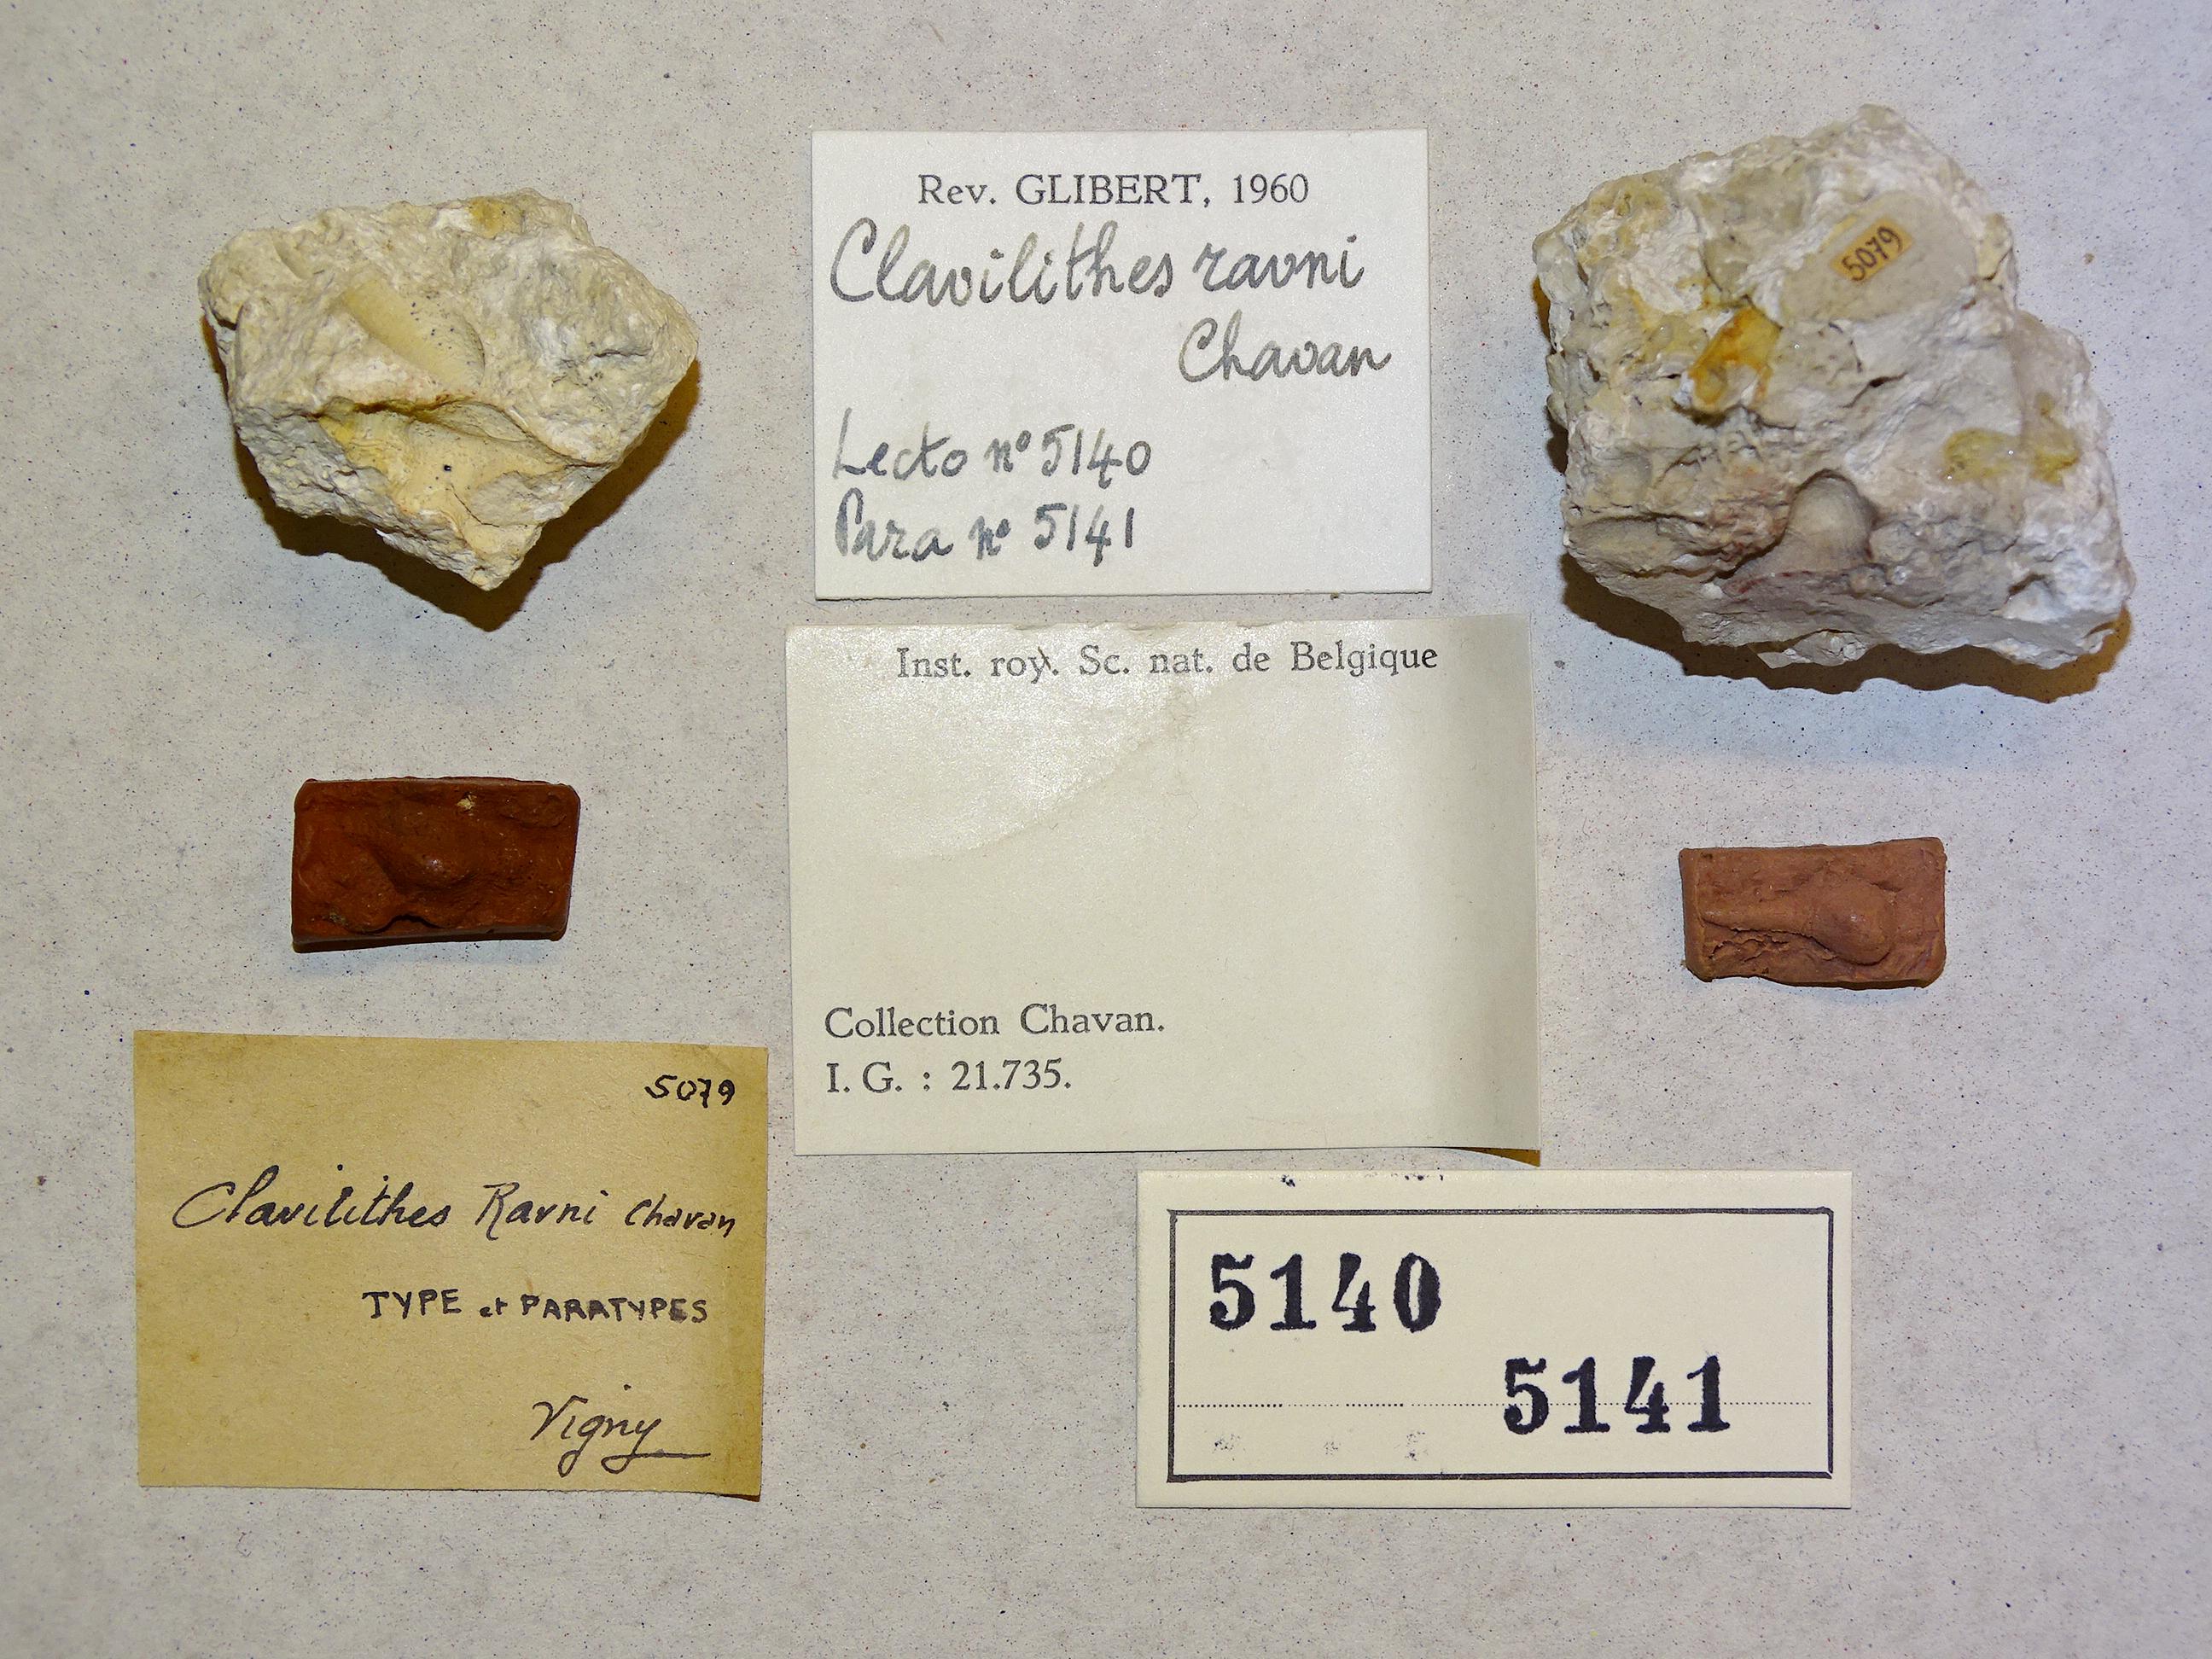 specimen & labels